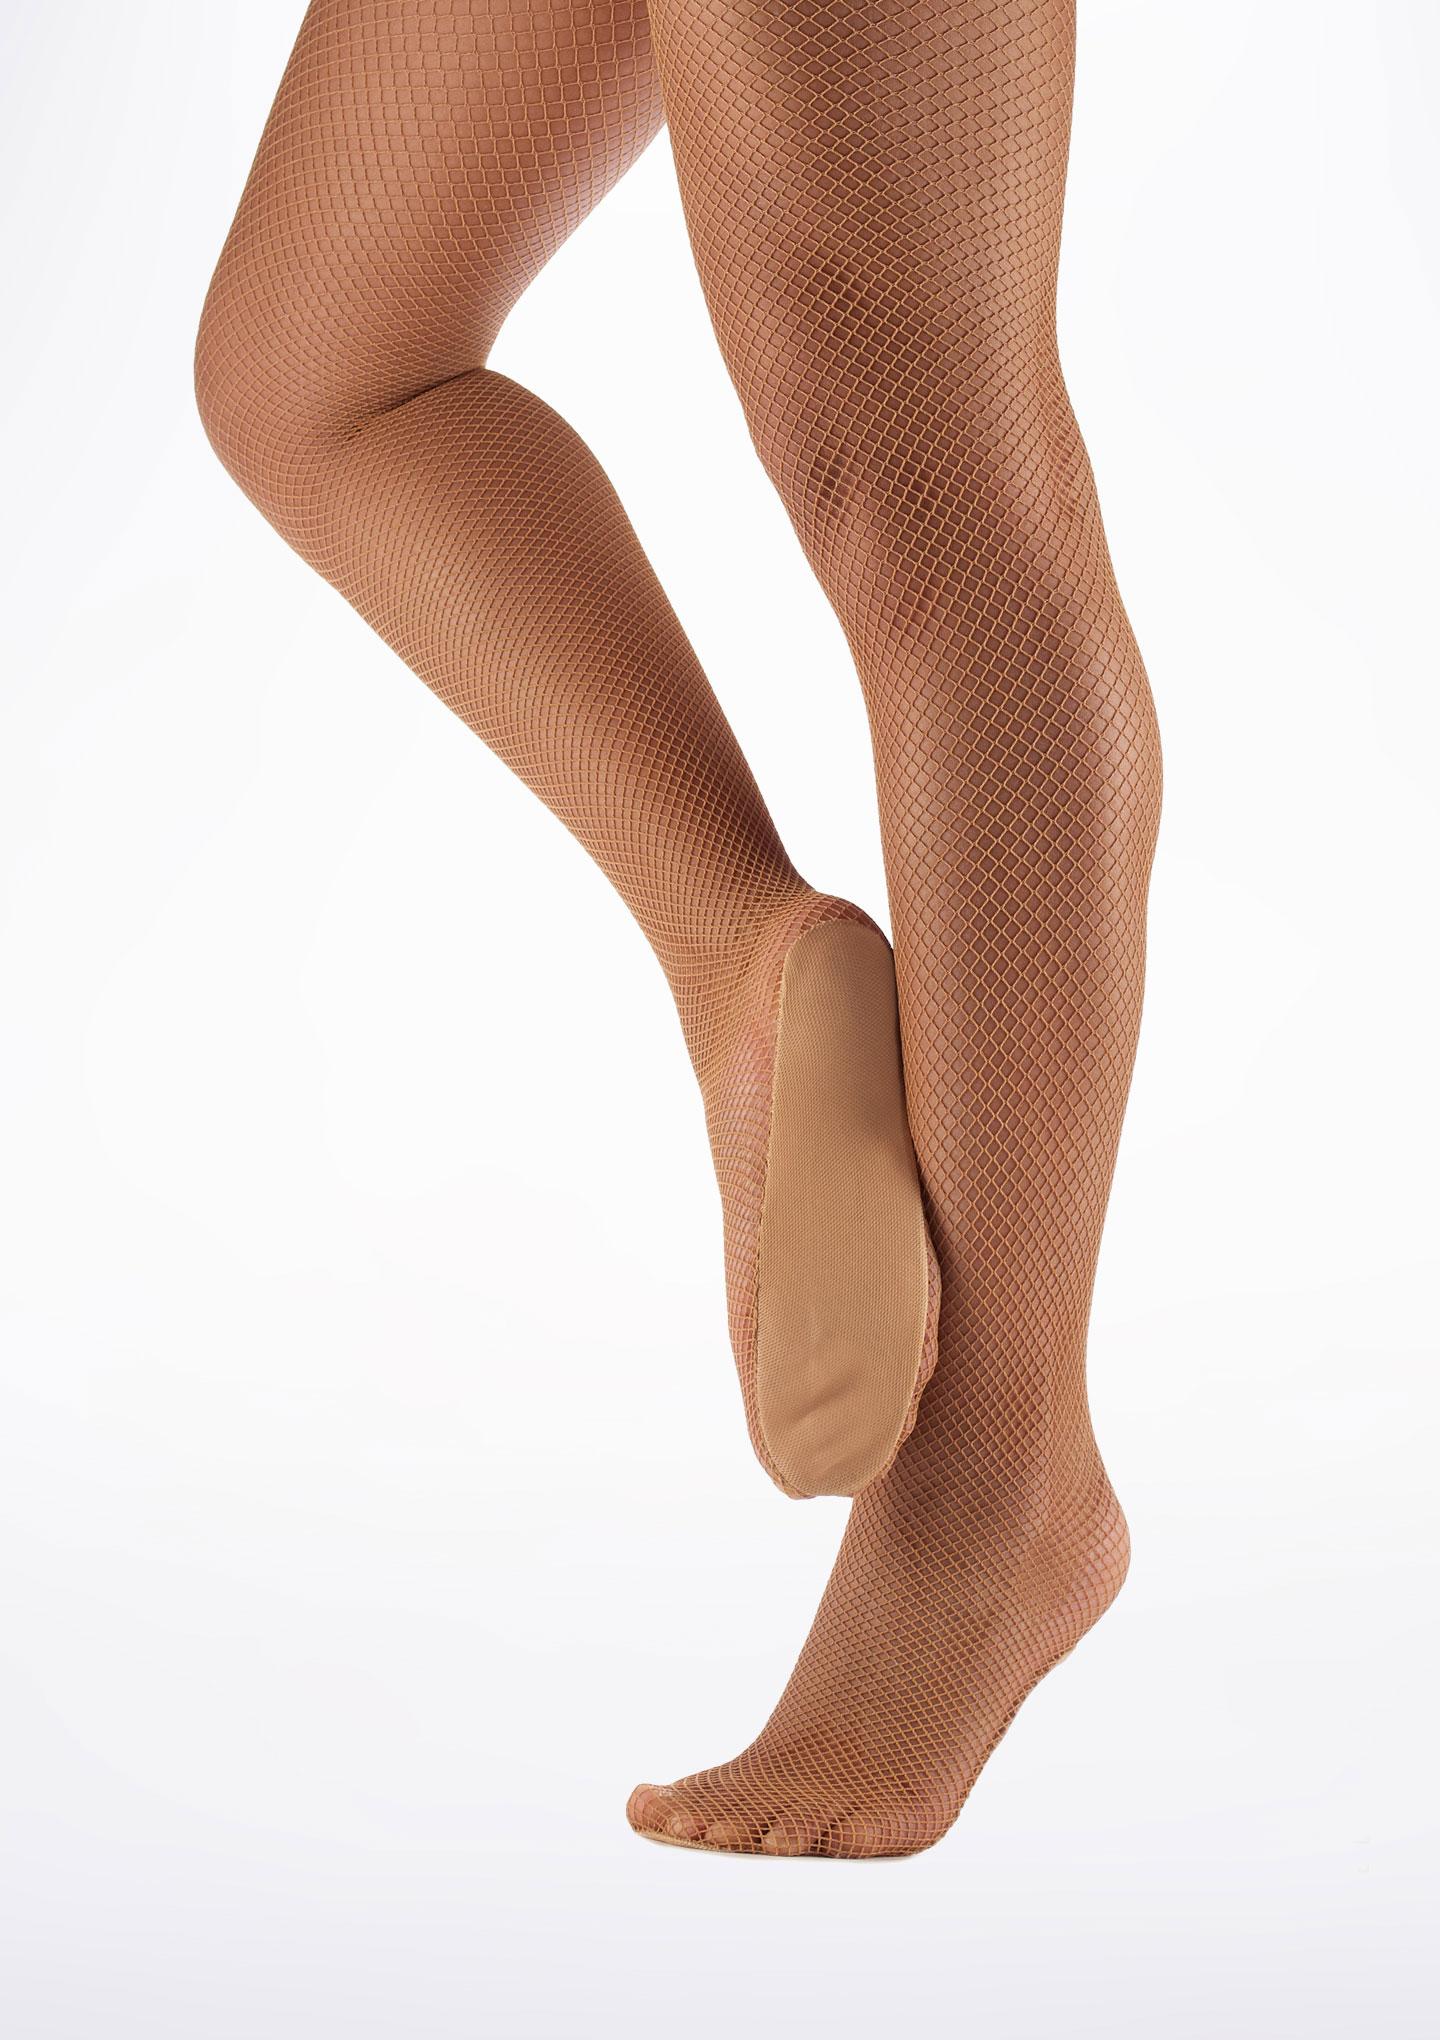 Medias Danza de Rejilla Move Dance Marron Claro Marrón Claro lateral. [Marrón Claro]